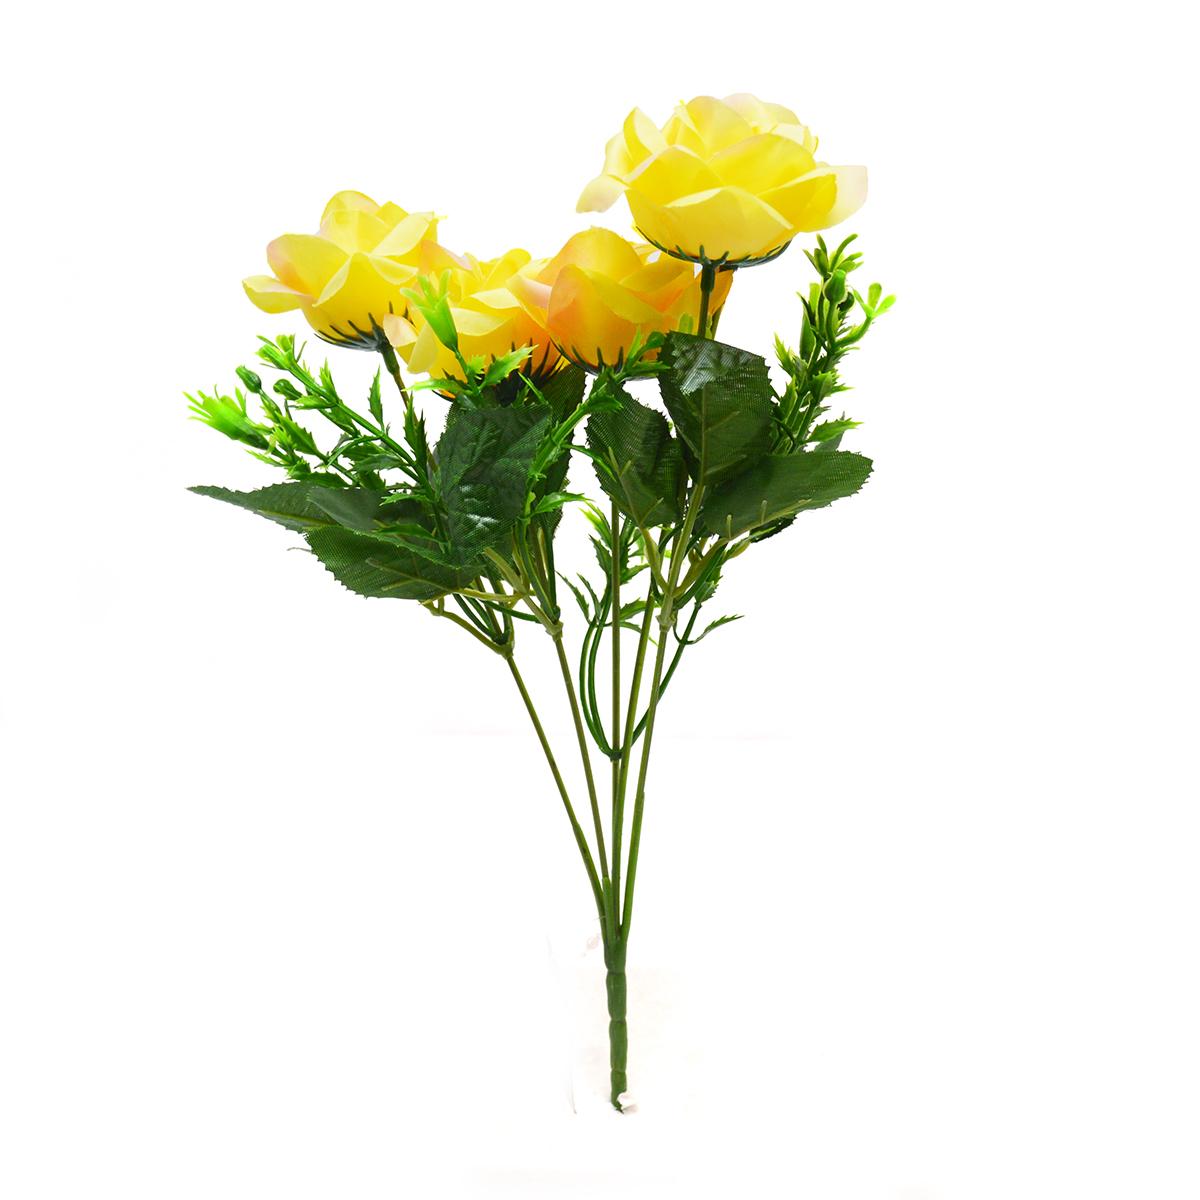 Buchet 5 trandafiri Rhodos galben